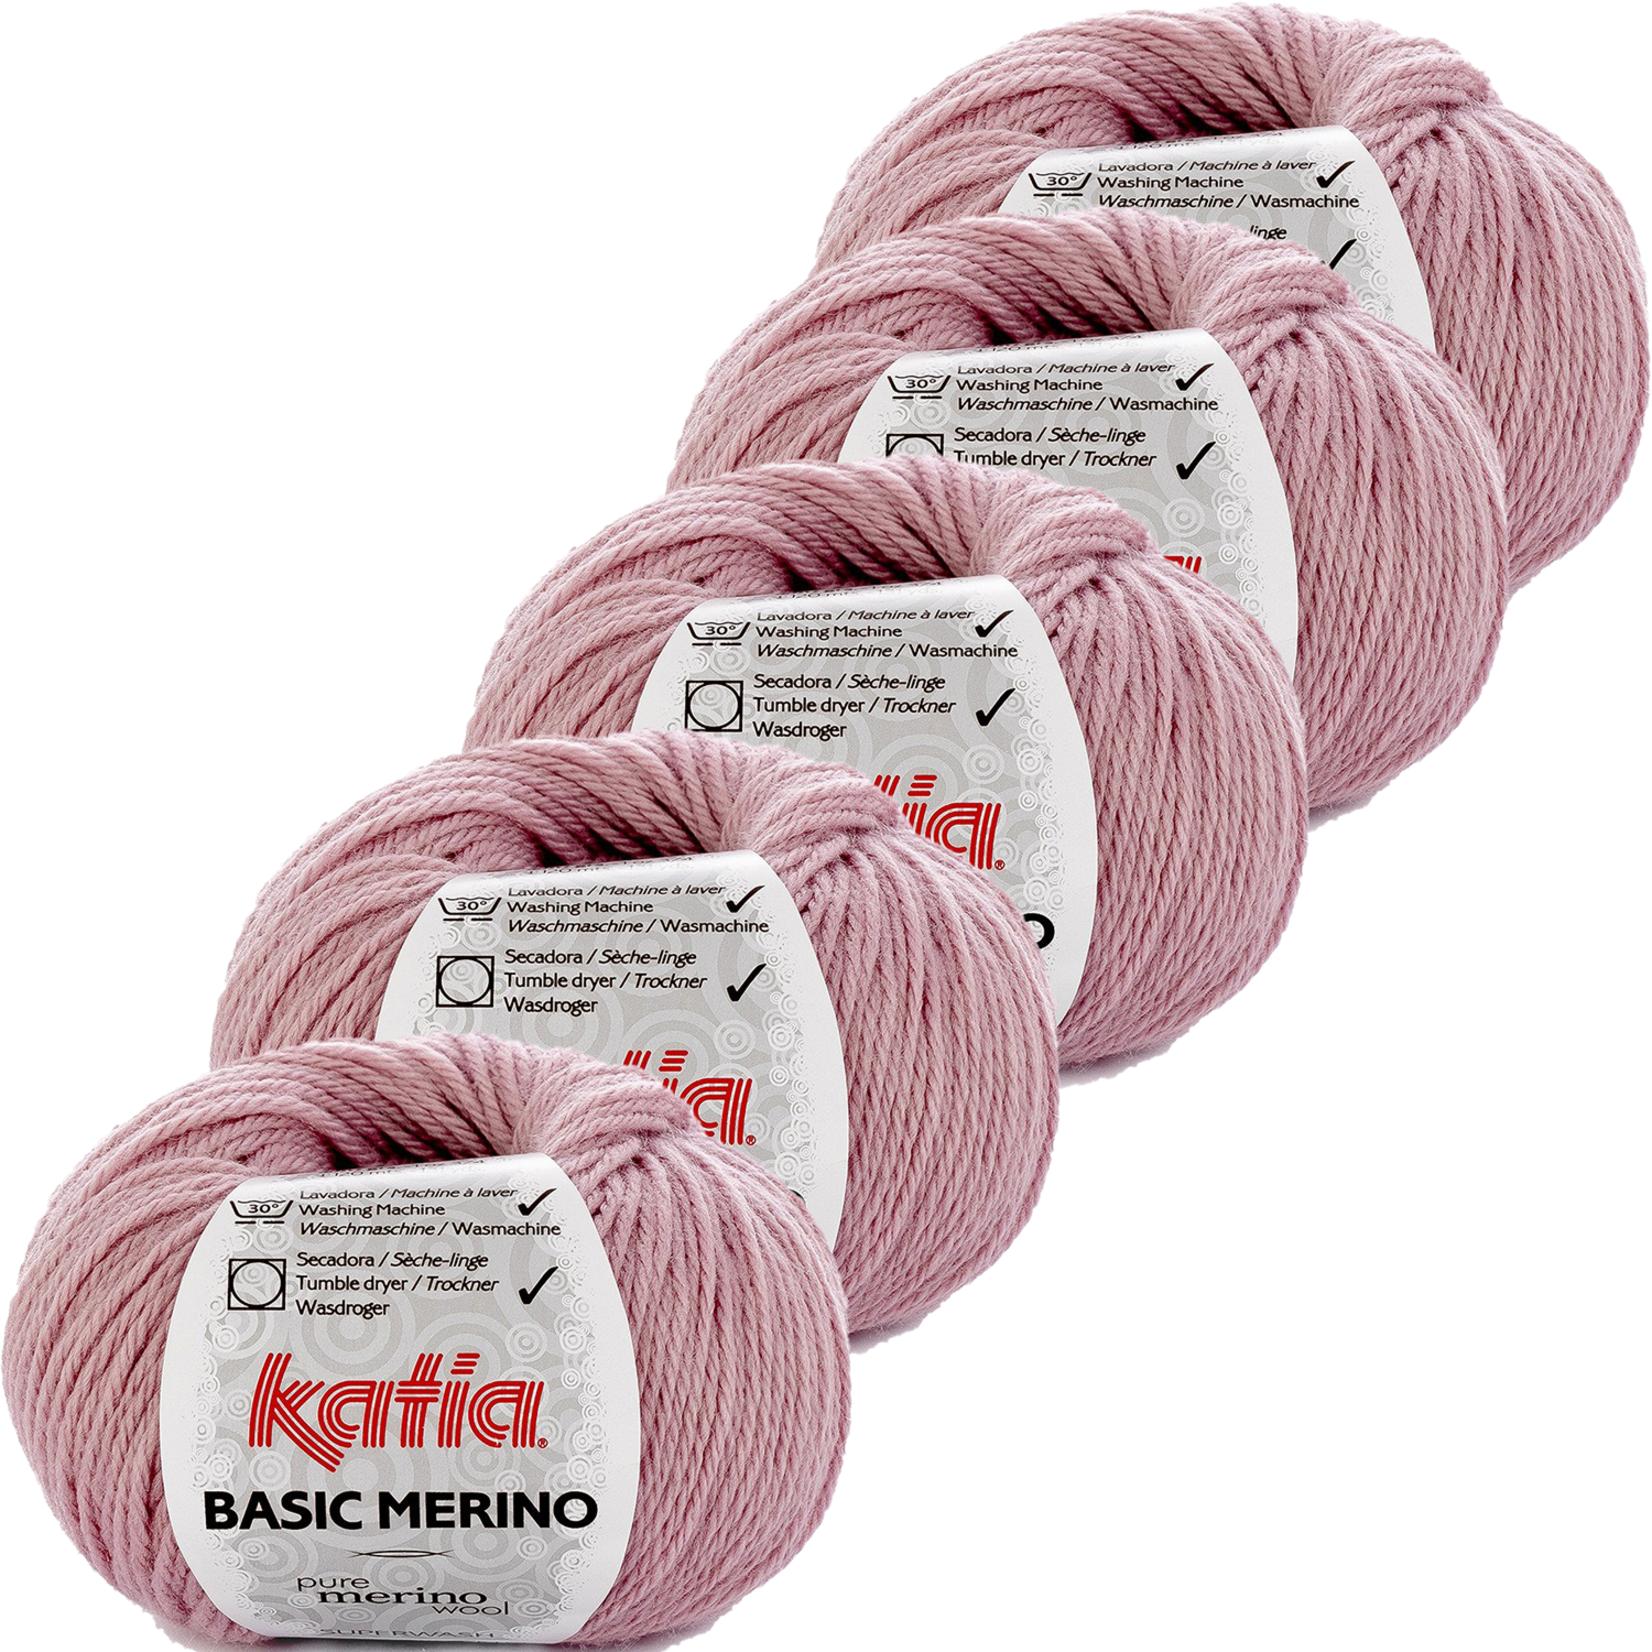 Katia Basic Merino - kleur 69_Licht  bleekpaars - bundel 5 bollen 50 gr.  van 120 m.